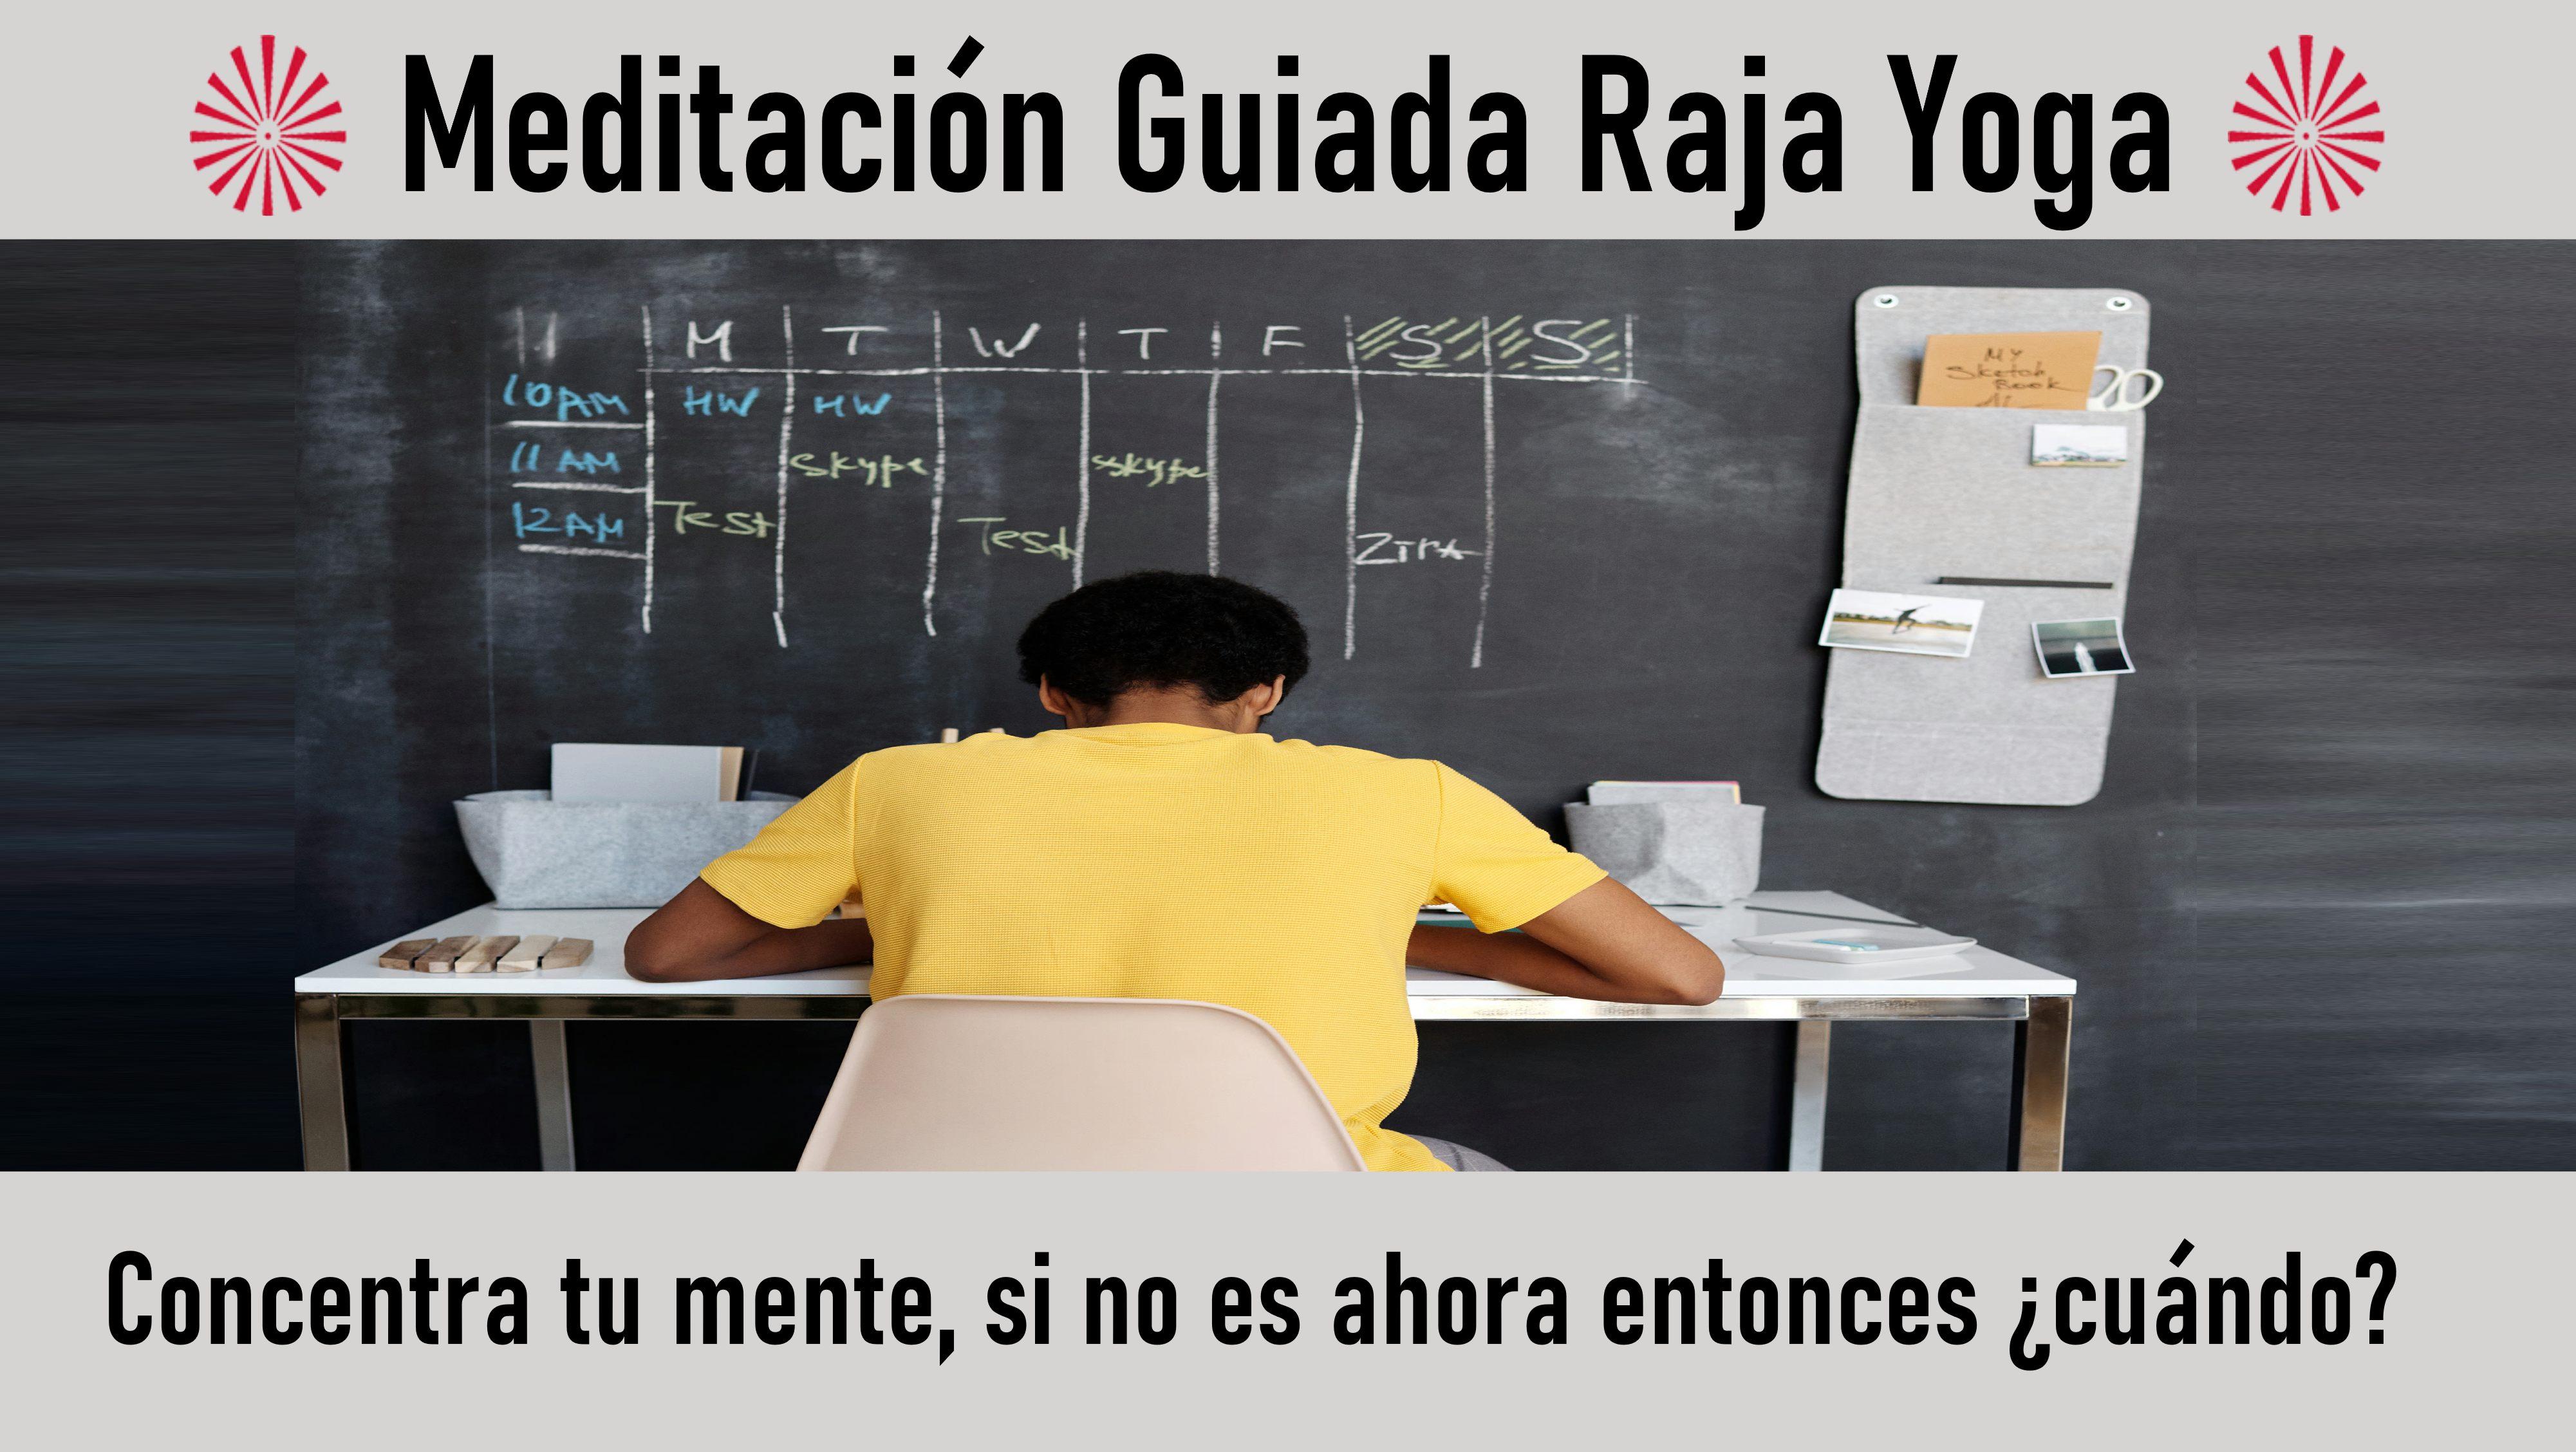 Meditación Raja Yoga: Concentra tu mente, si no es ahora entonces ¿cuándo? (5 Octubre 2020) On-line desde Madrid